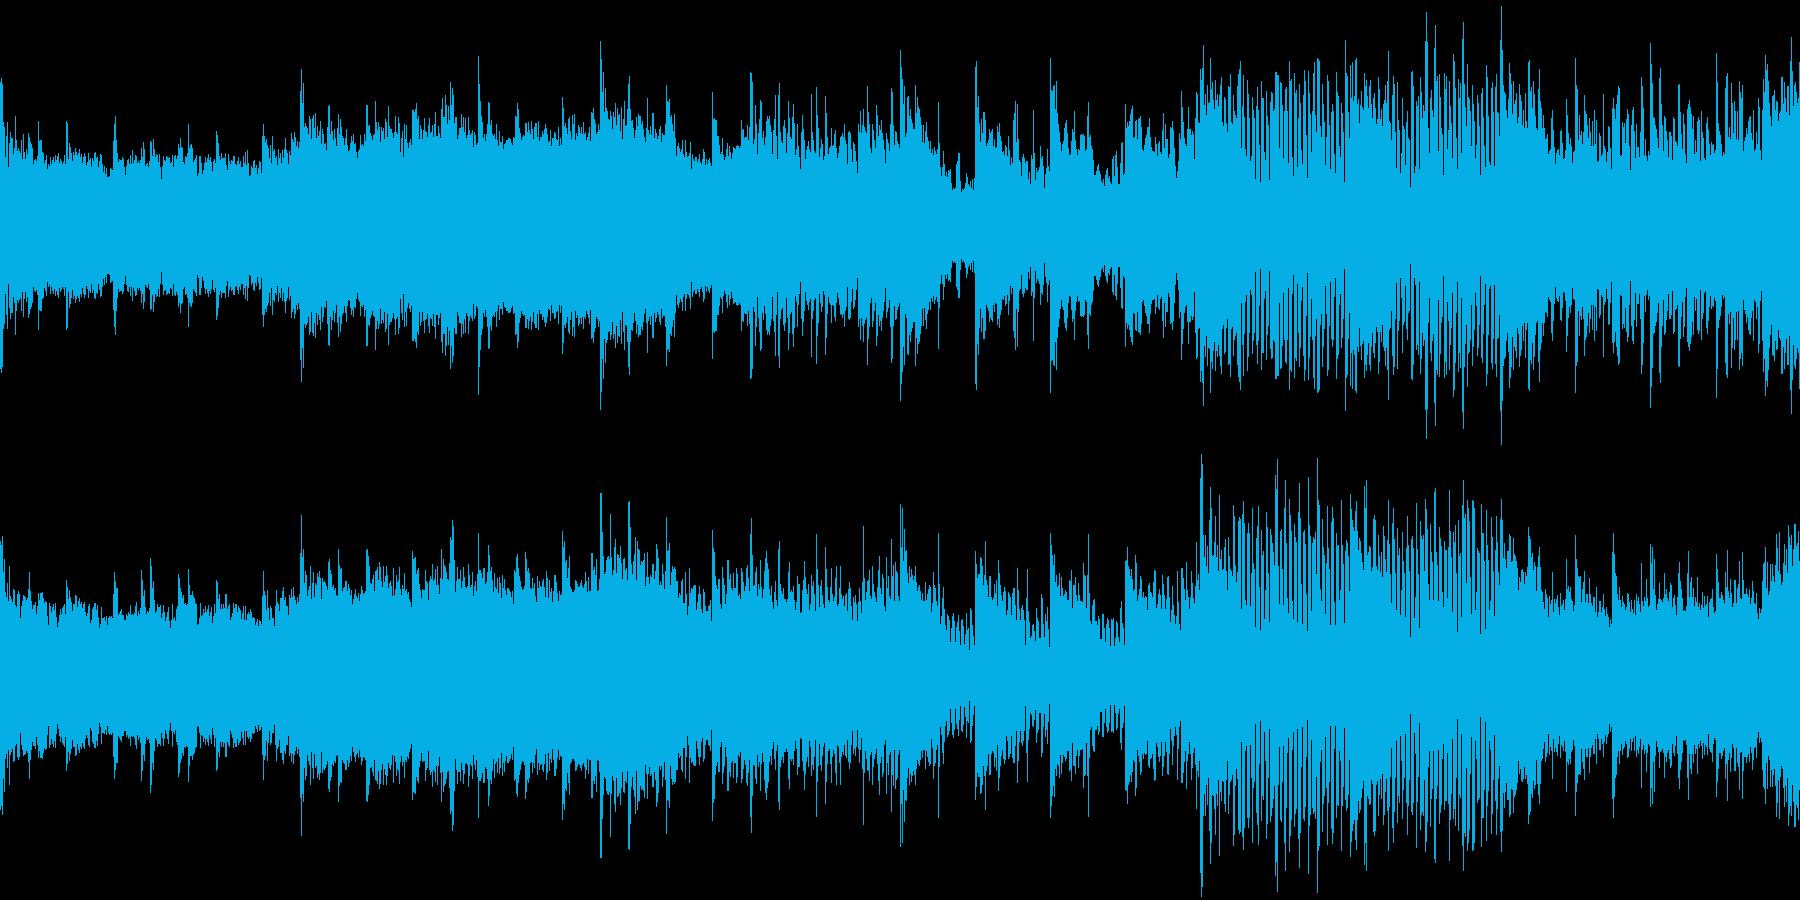 緊張感・不安感のあるサイケ系ループ素材の再生済みの波形